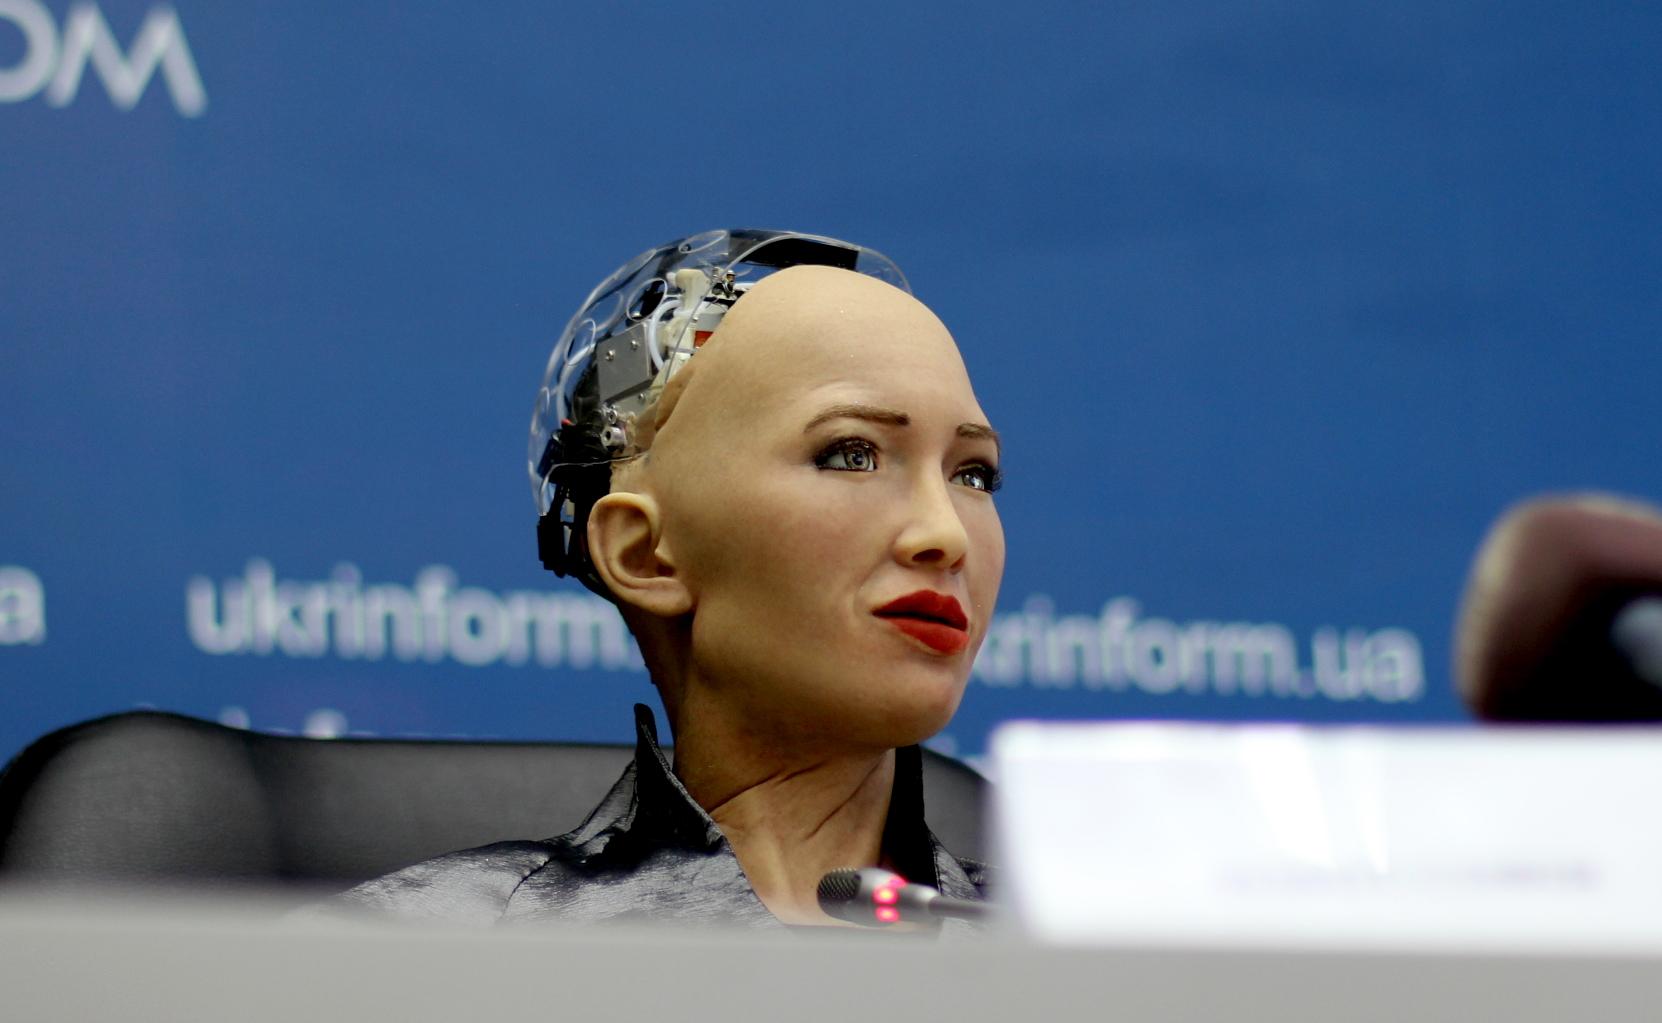 Робот София не умеет мыслить и рассуждать, как человек